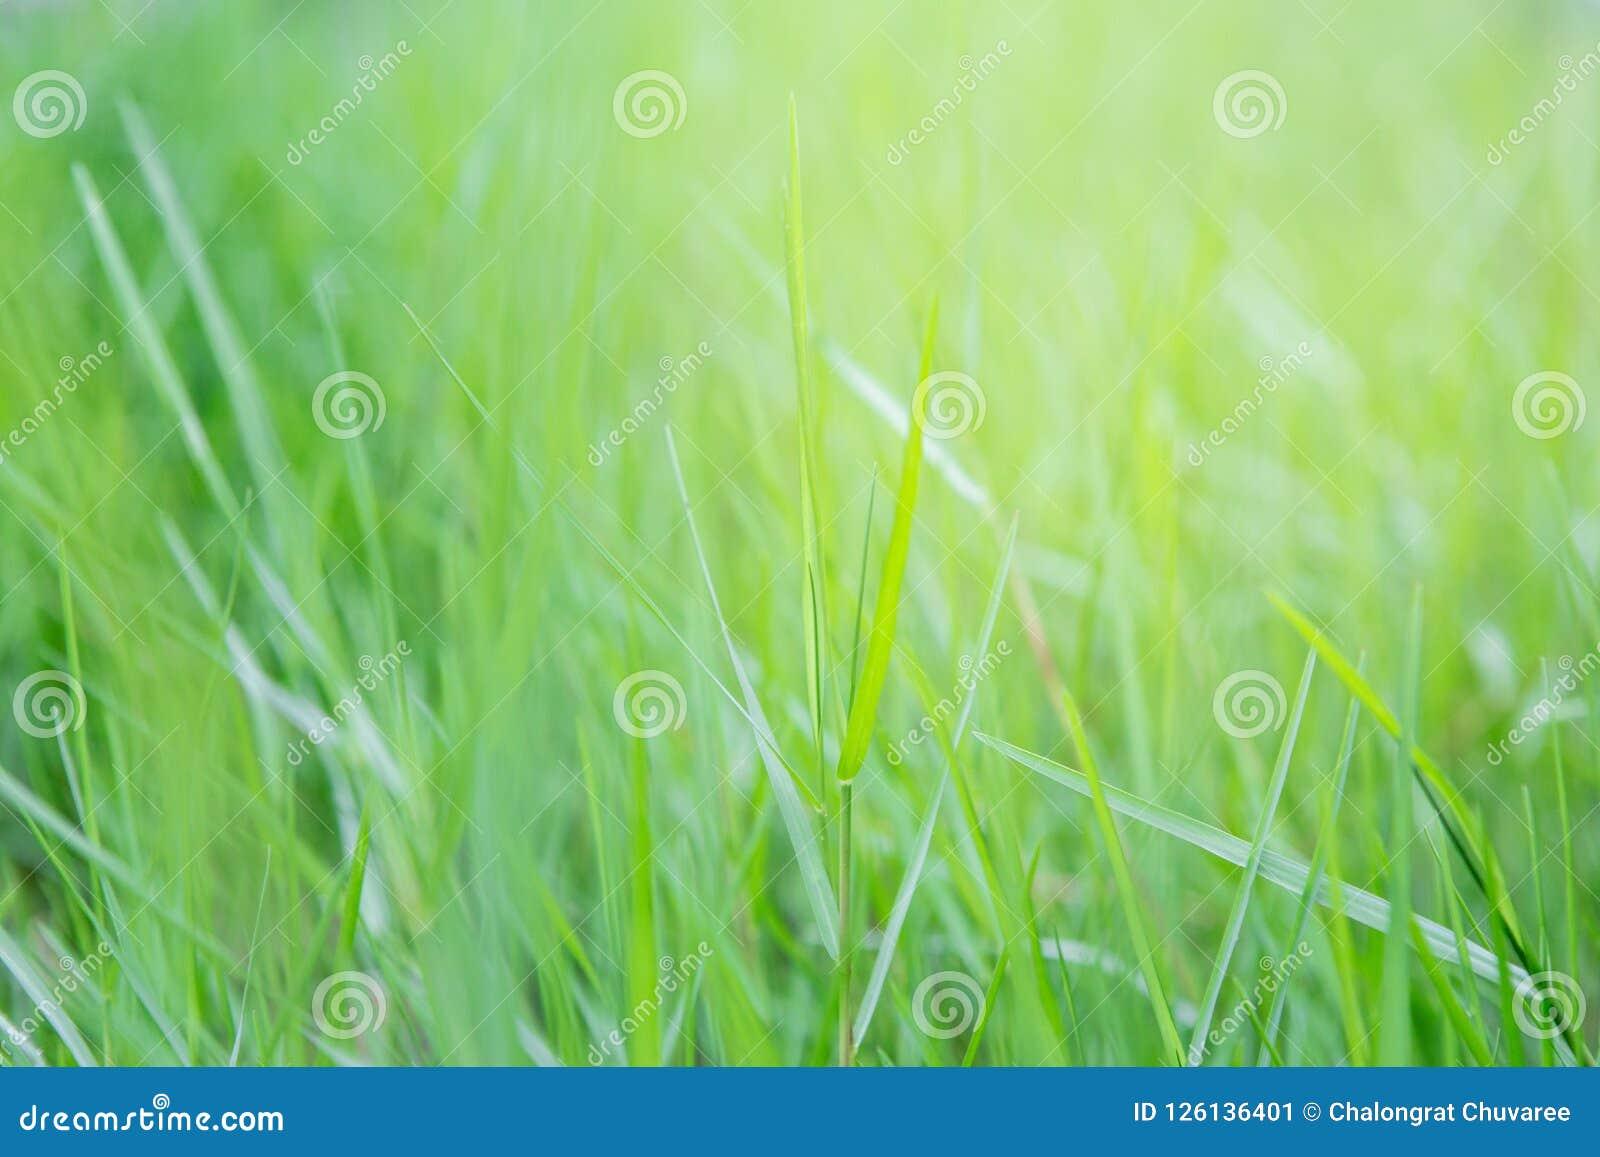 Kępa trawa